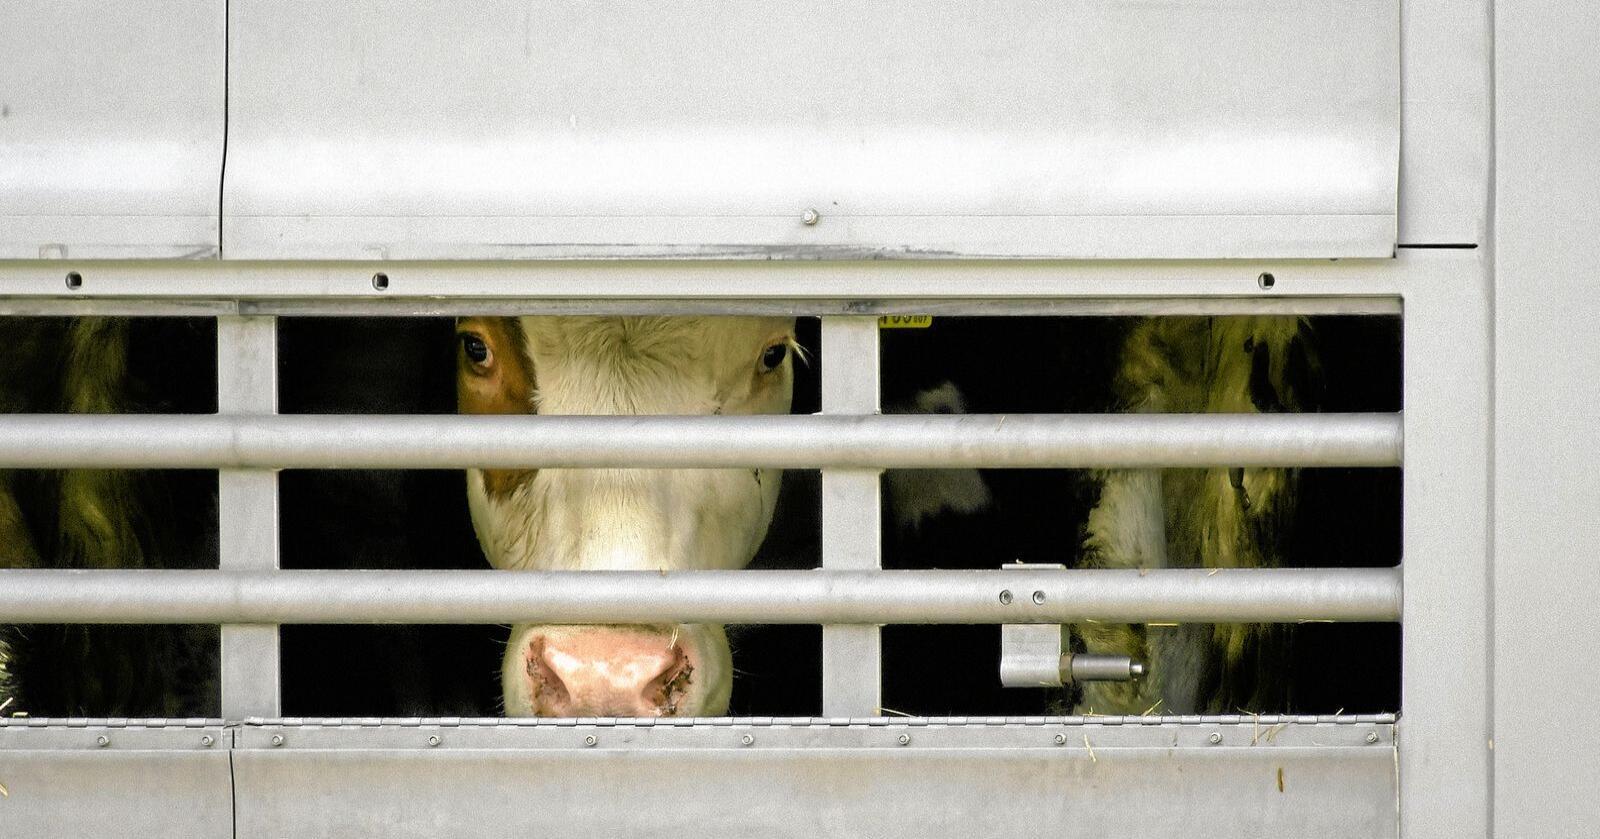 Dyrevernorganisasjoner reagerer på transport av kyr fra Irland til Midtøsten og Nord-Afrika. Foto: Richard Schramm / Colourbox